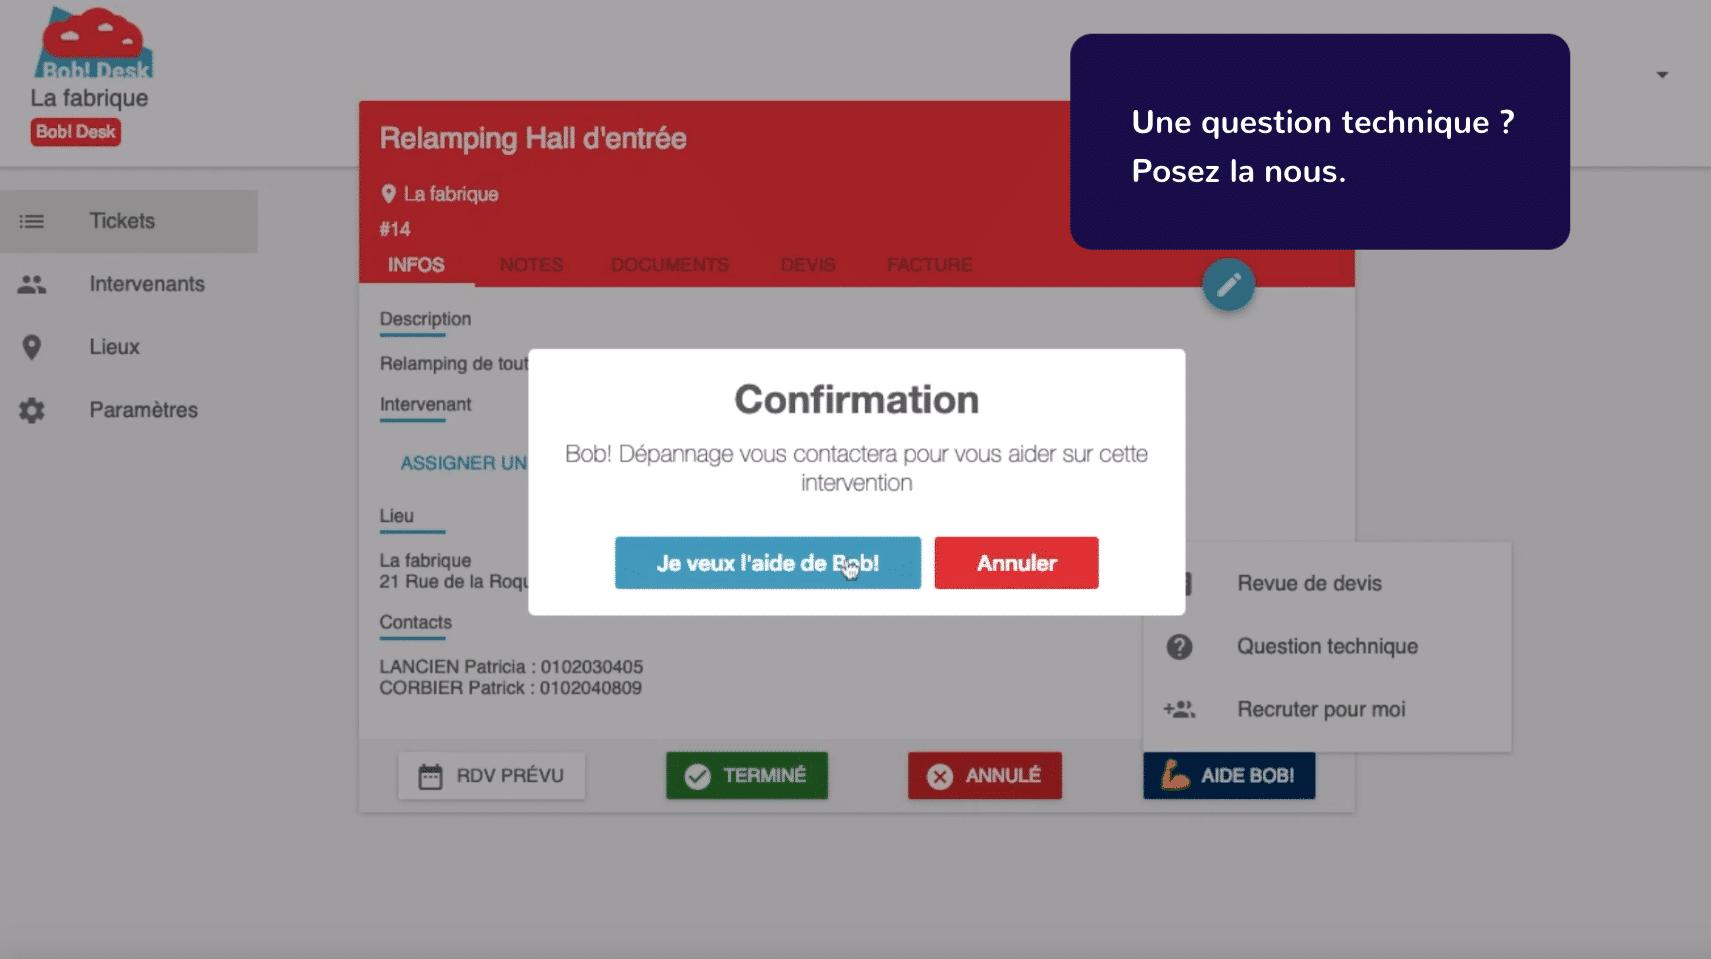 Logiciel de maintenance Bob! Desk - faire vos demandes de maintenance vous prend une minute- copie d'écran